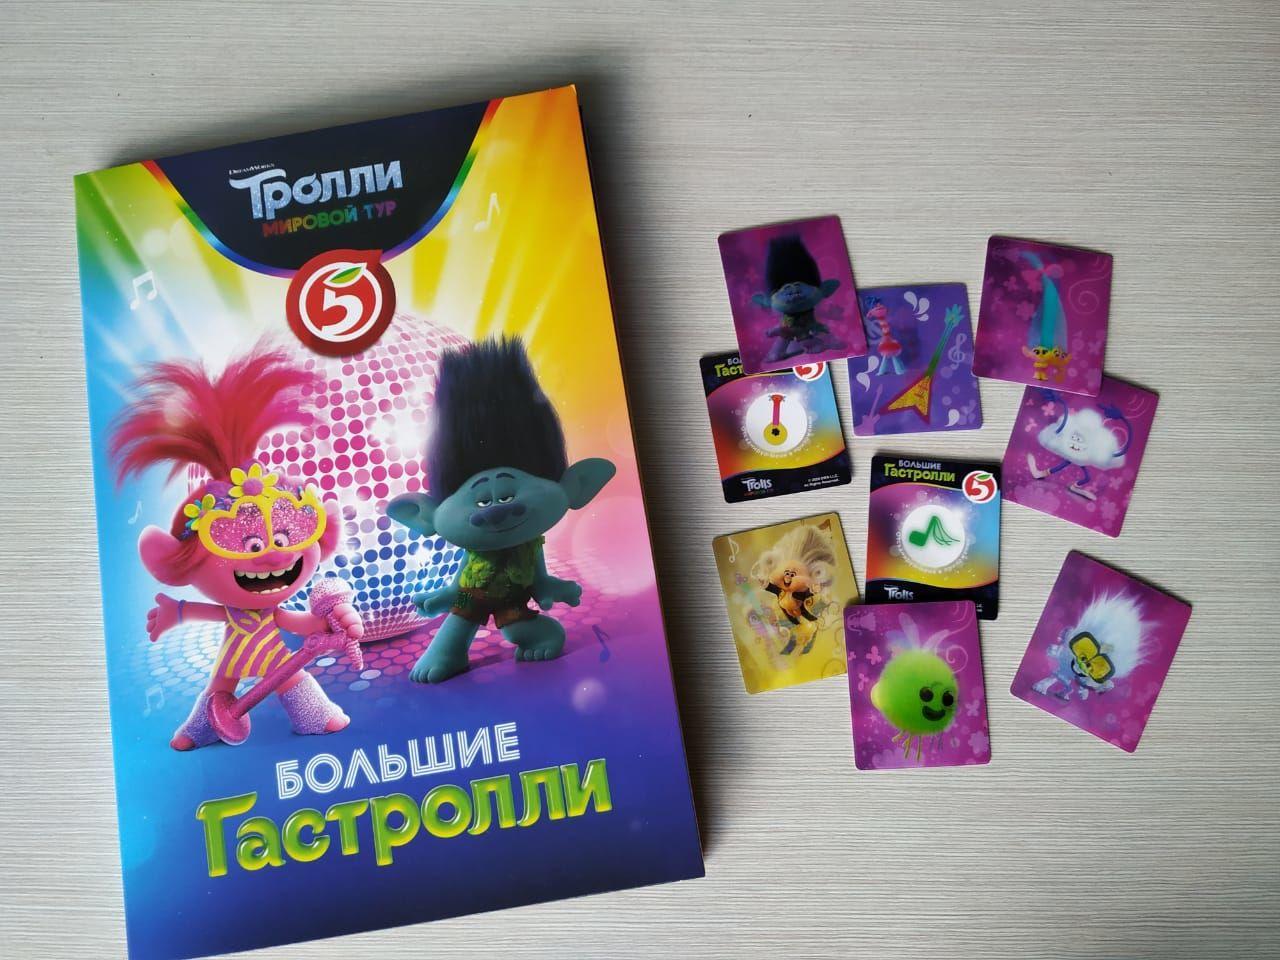 3D-карточки c троллями и альбом для хранения ©Фото пресс-службы сети «Пятёрочка»